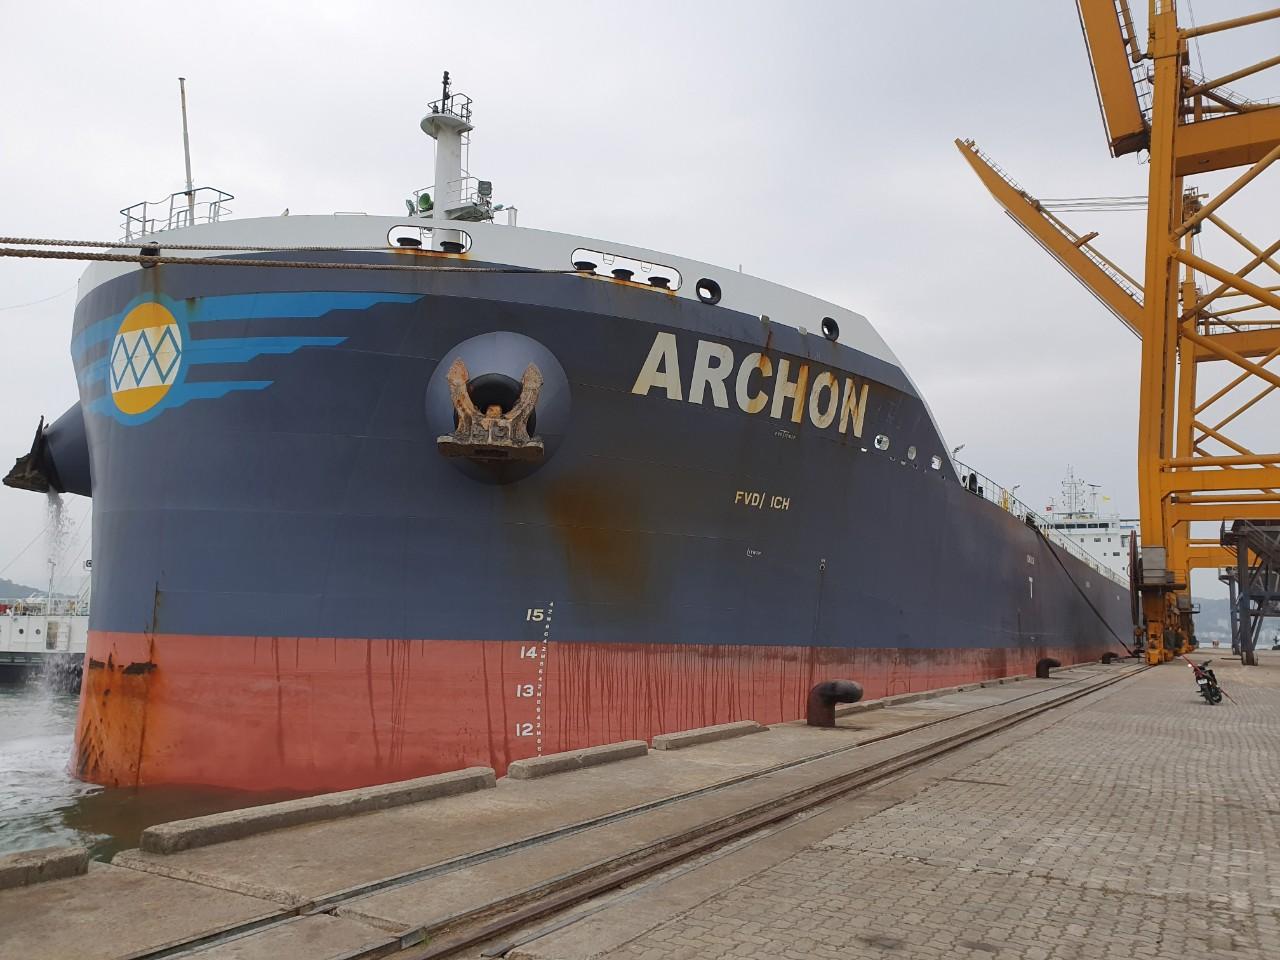 Tầu ARCHON Ngô + Khô Đậu Cảng Cái Lân